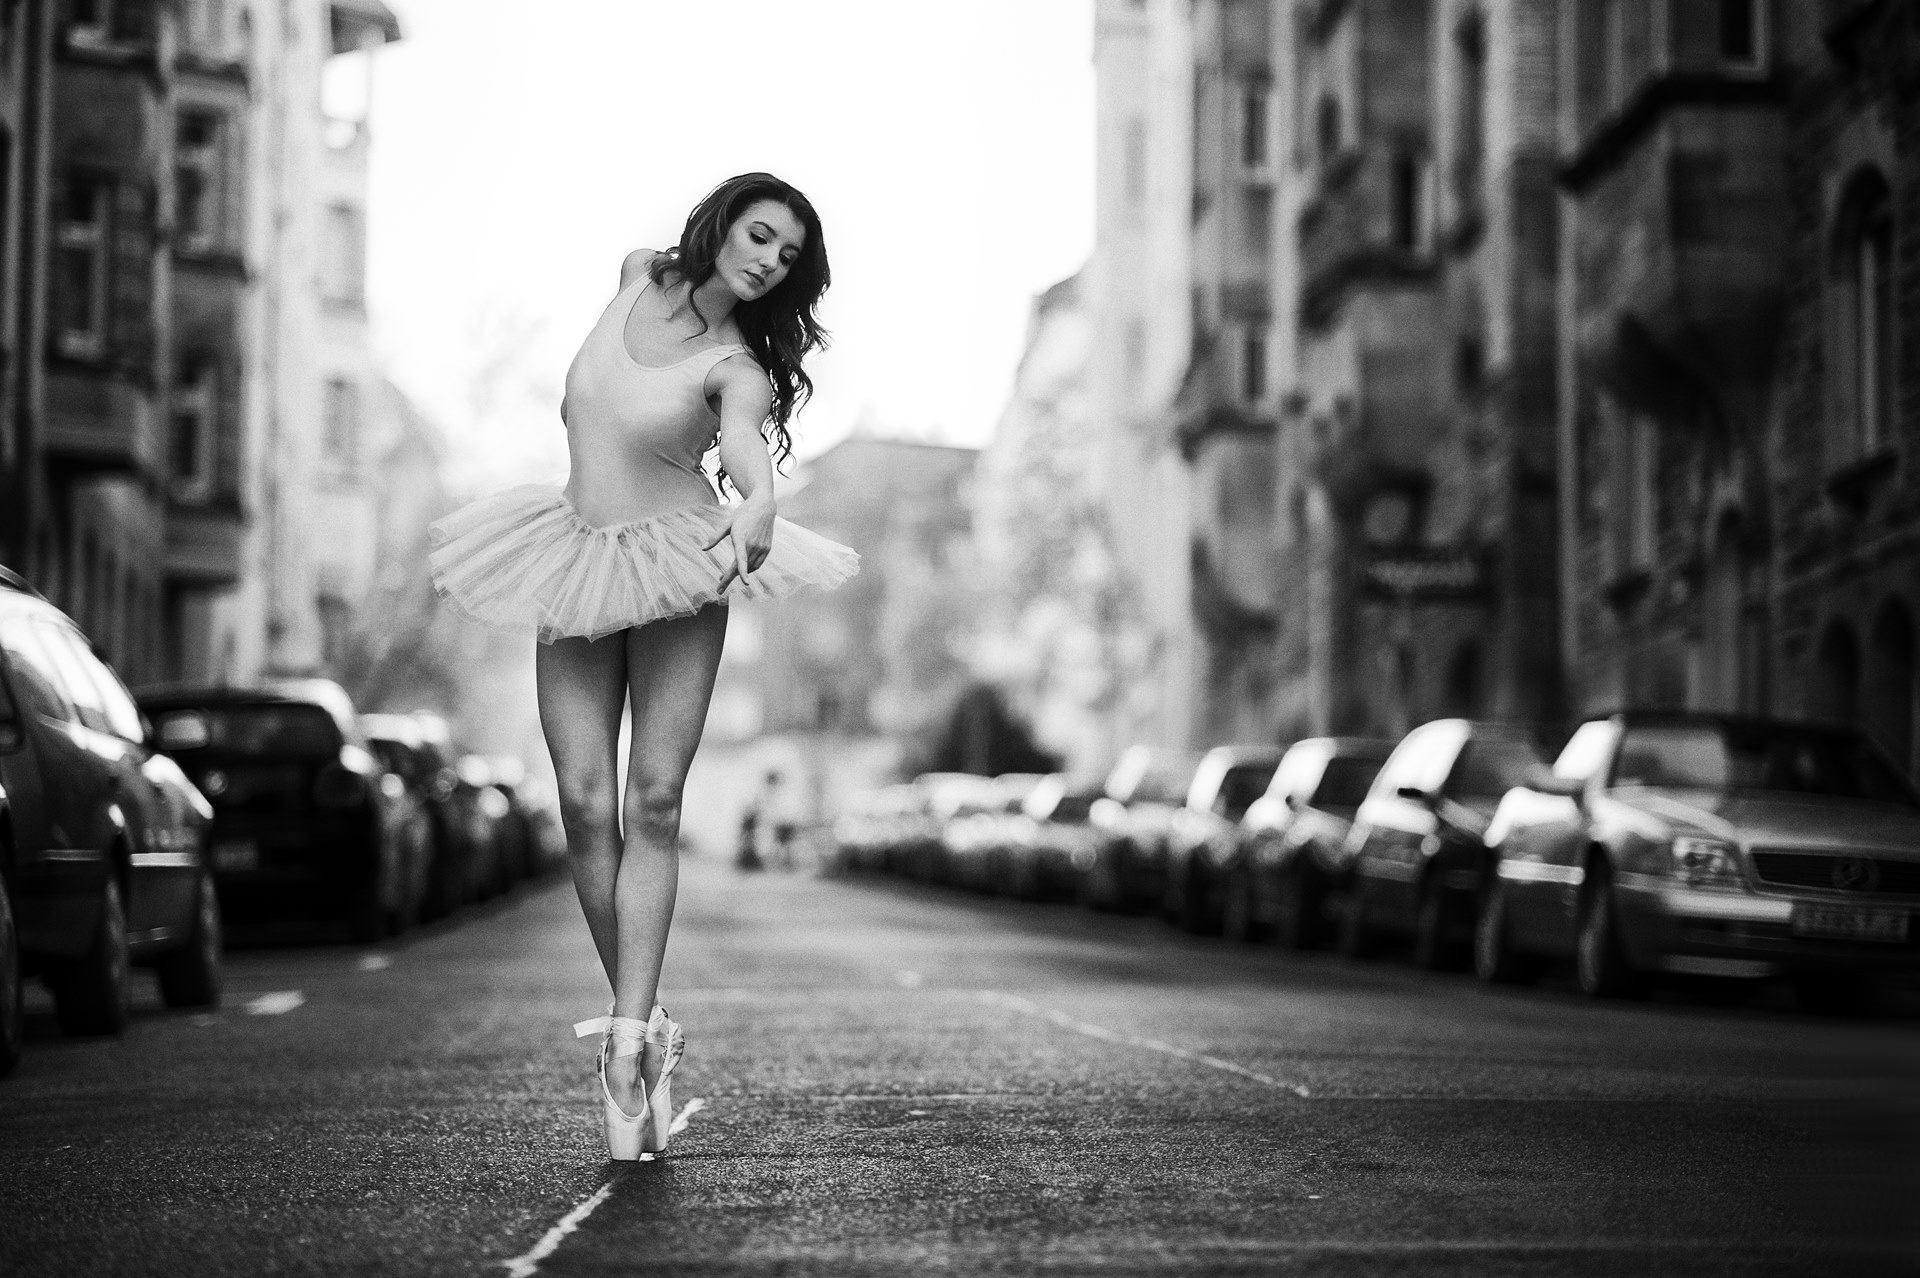 1920x1080 Ballerina Shoes Ballet Dance Girl Pointe Tutu